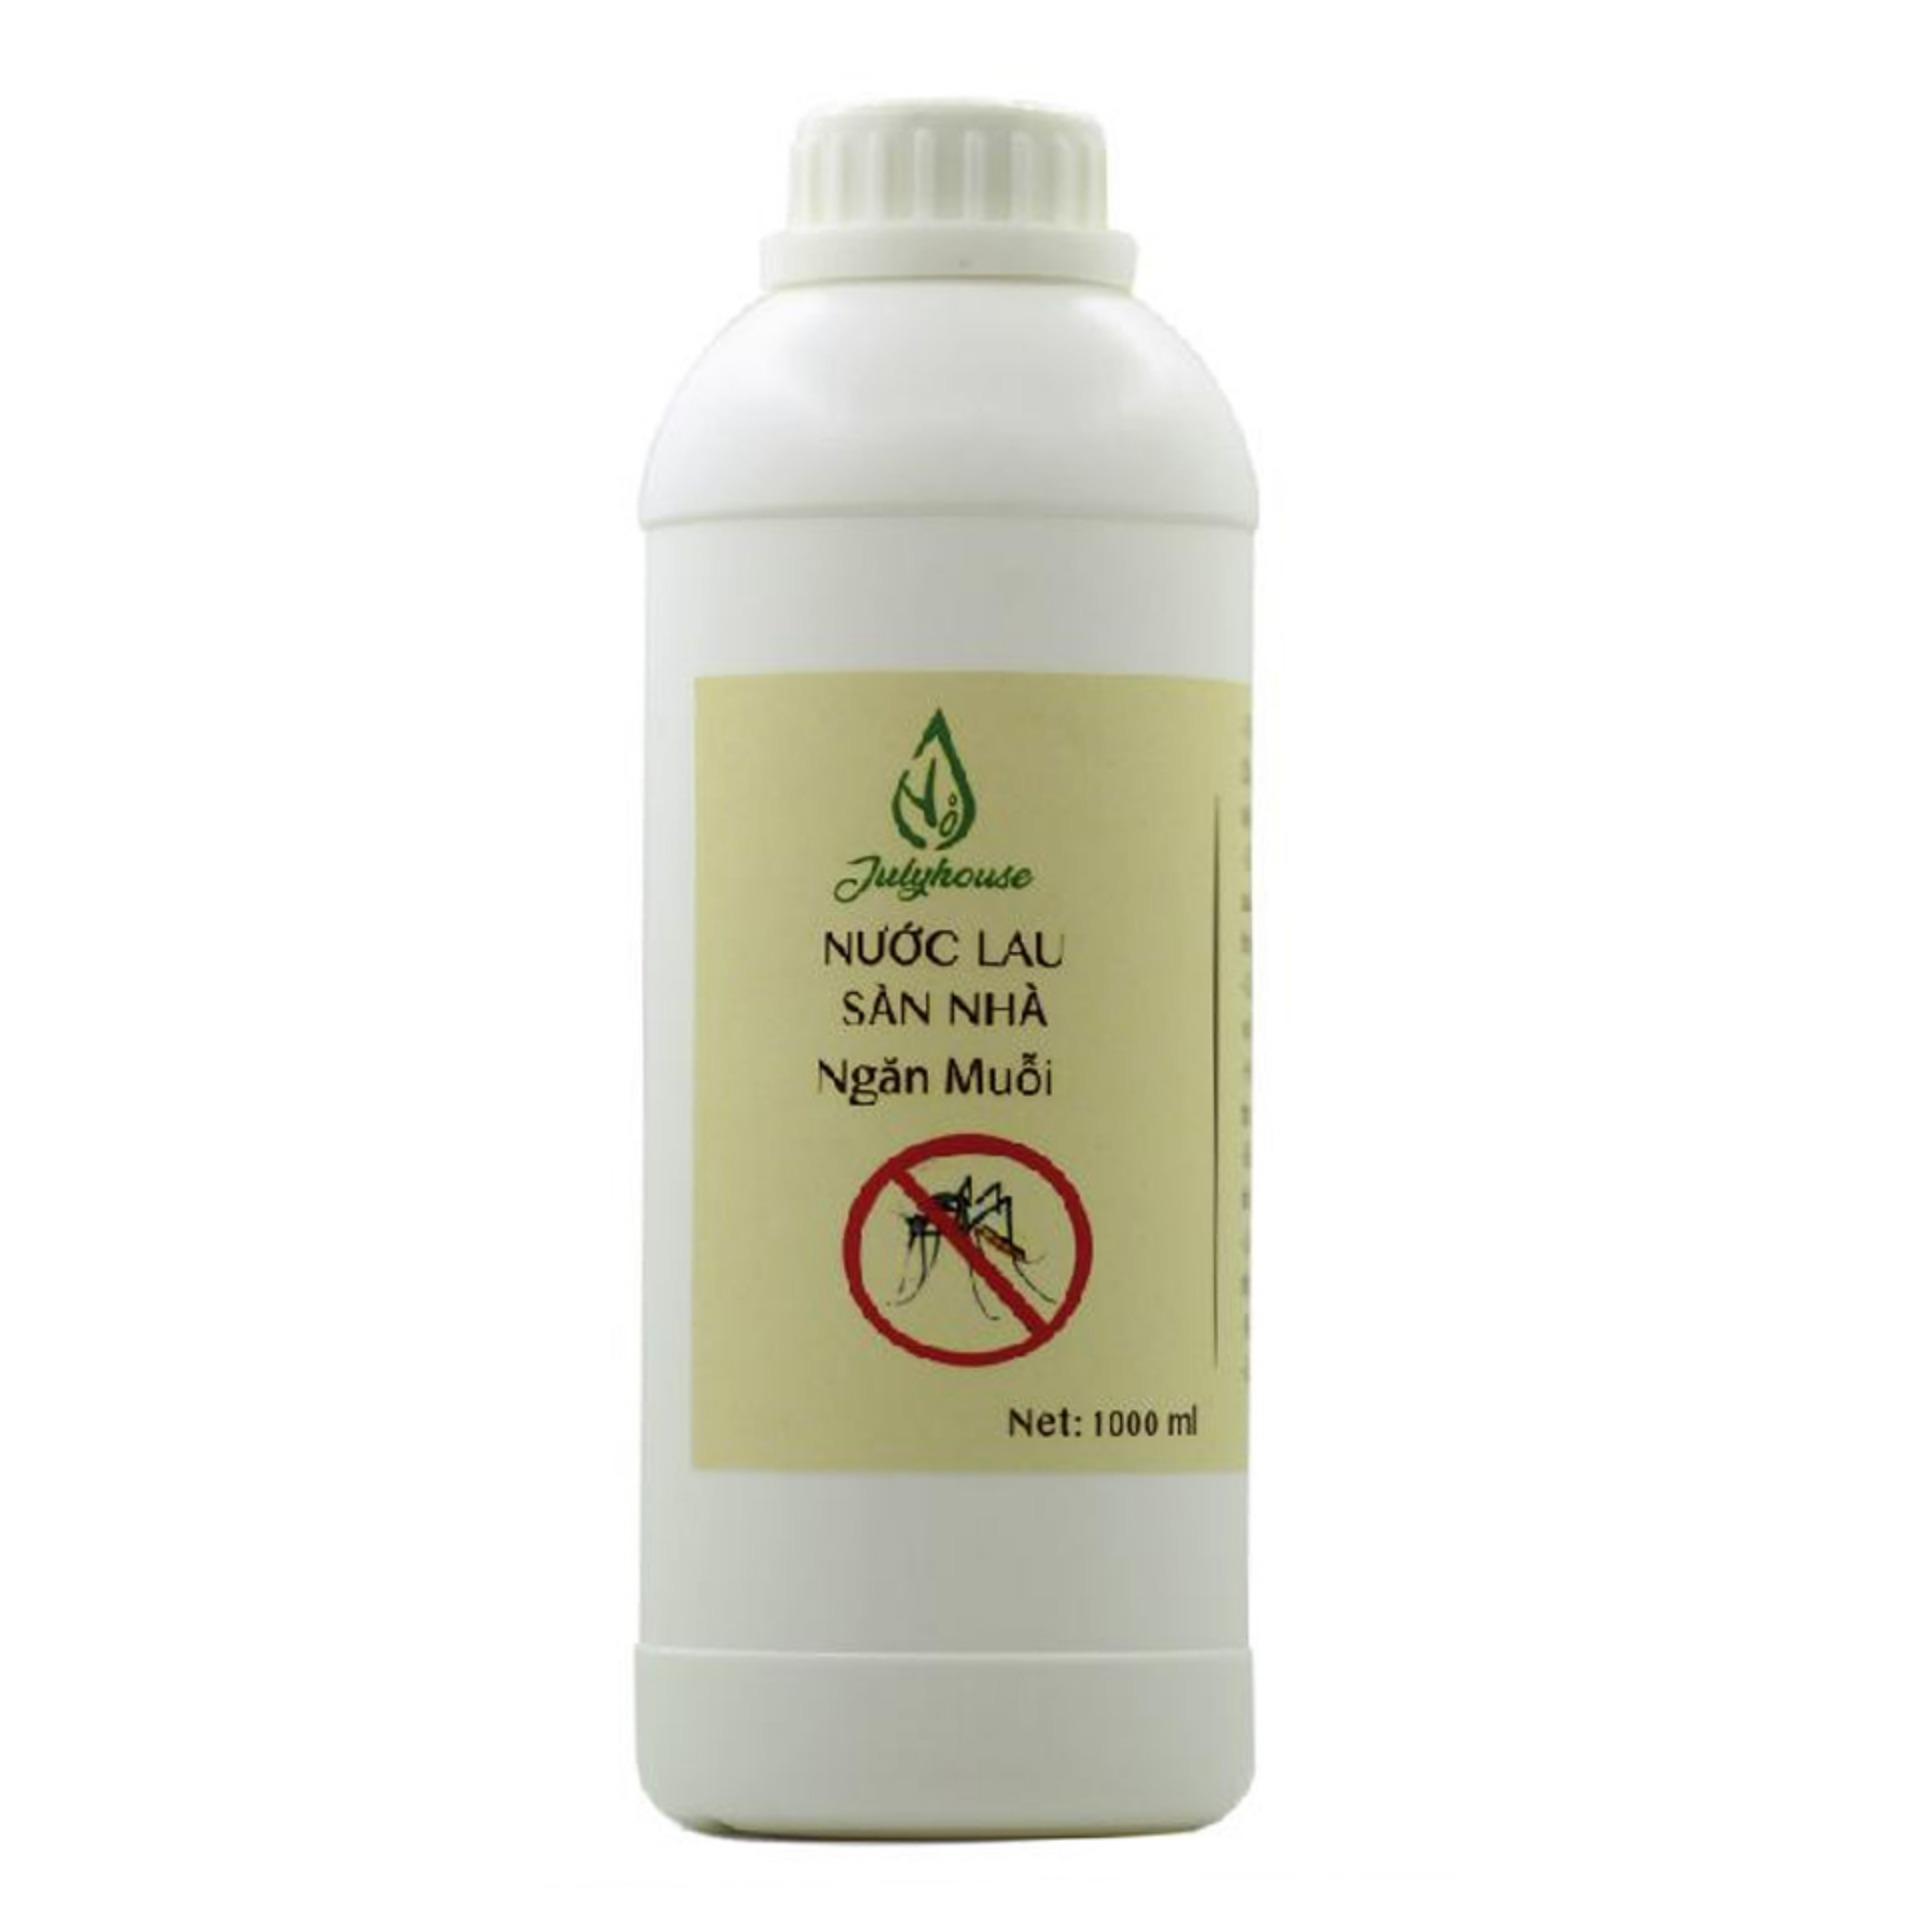 Nước lau sàn nhà tinh dầu 1000ml JULYHOUSE tinh dầu thiên nhiên, có tác dụng hiệu quả trong việc khử...